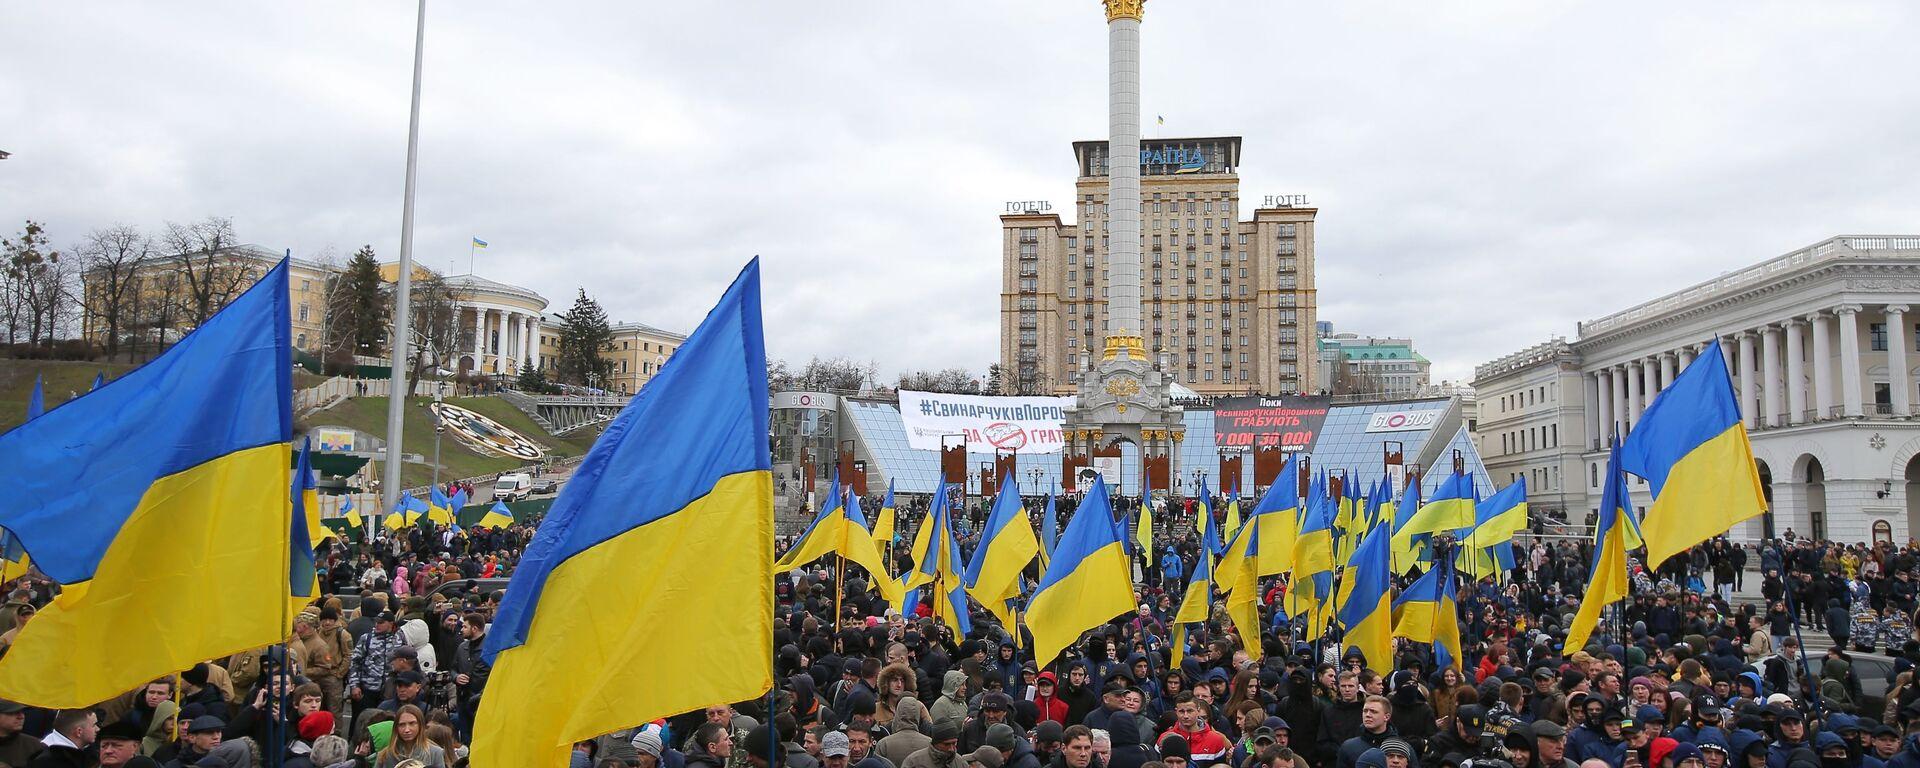 Акция националистов в Киеве - Sputnik Ўзбекистон, 1920, 12.02.2020